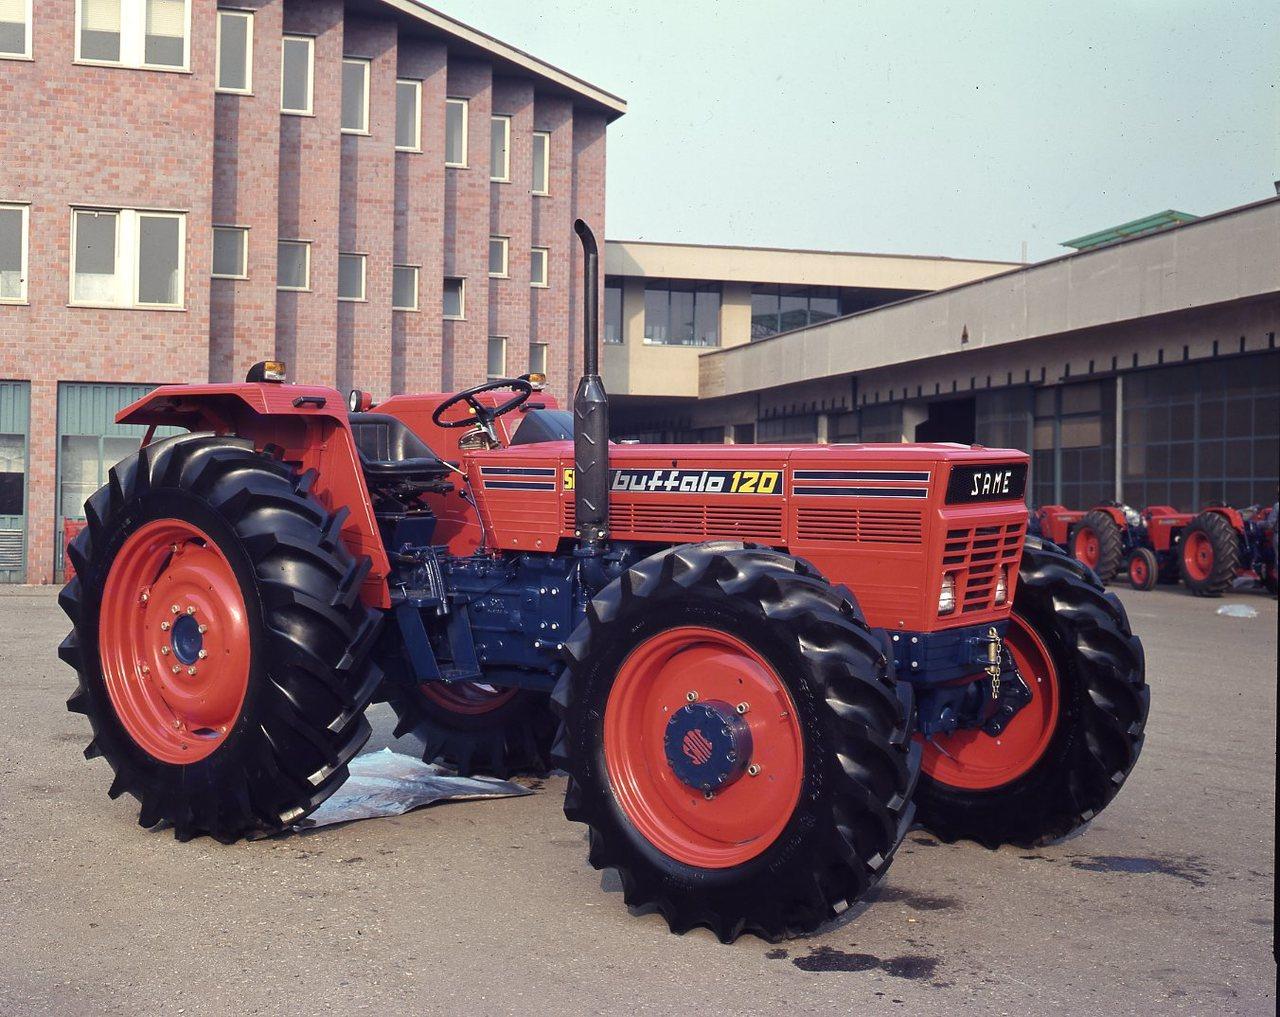 [SAME] trattore Buffalo 120 presso lo stabilimento di Treviglio